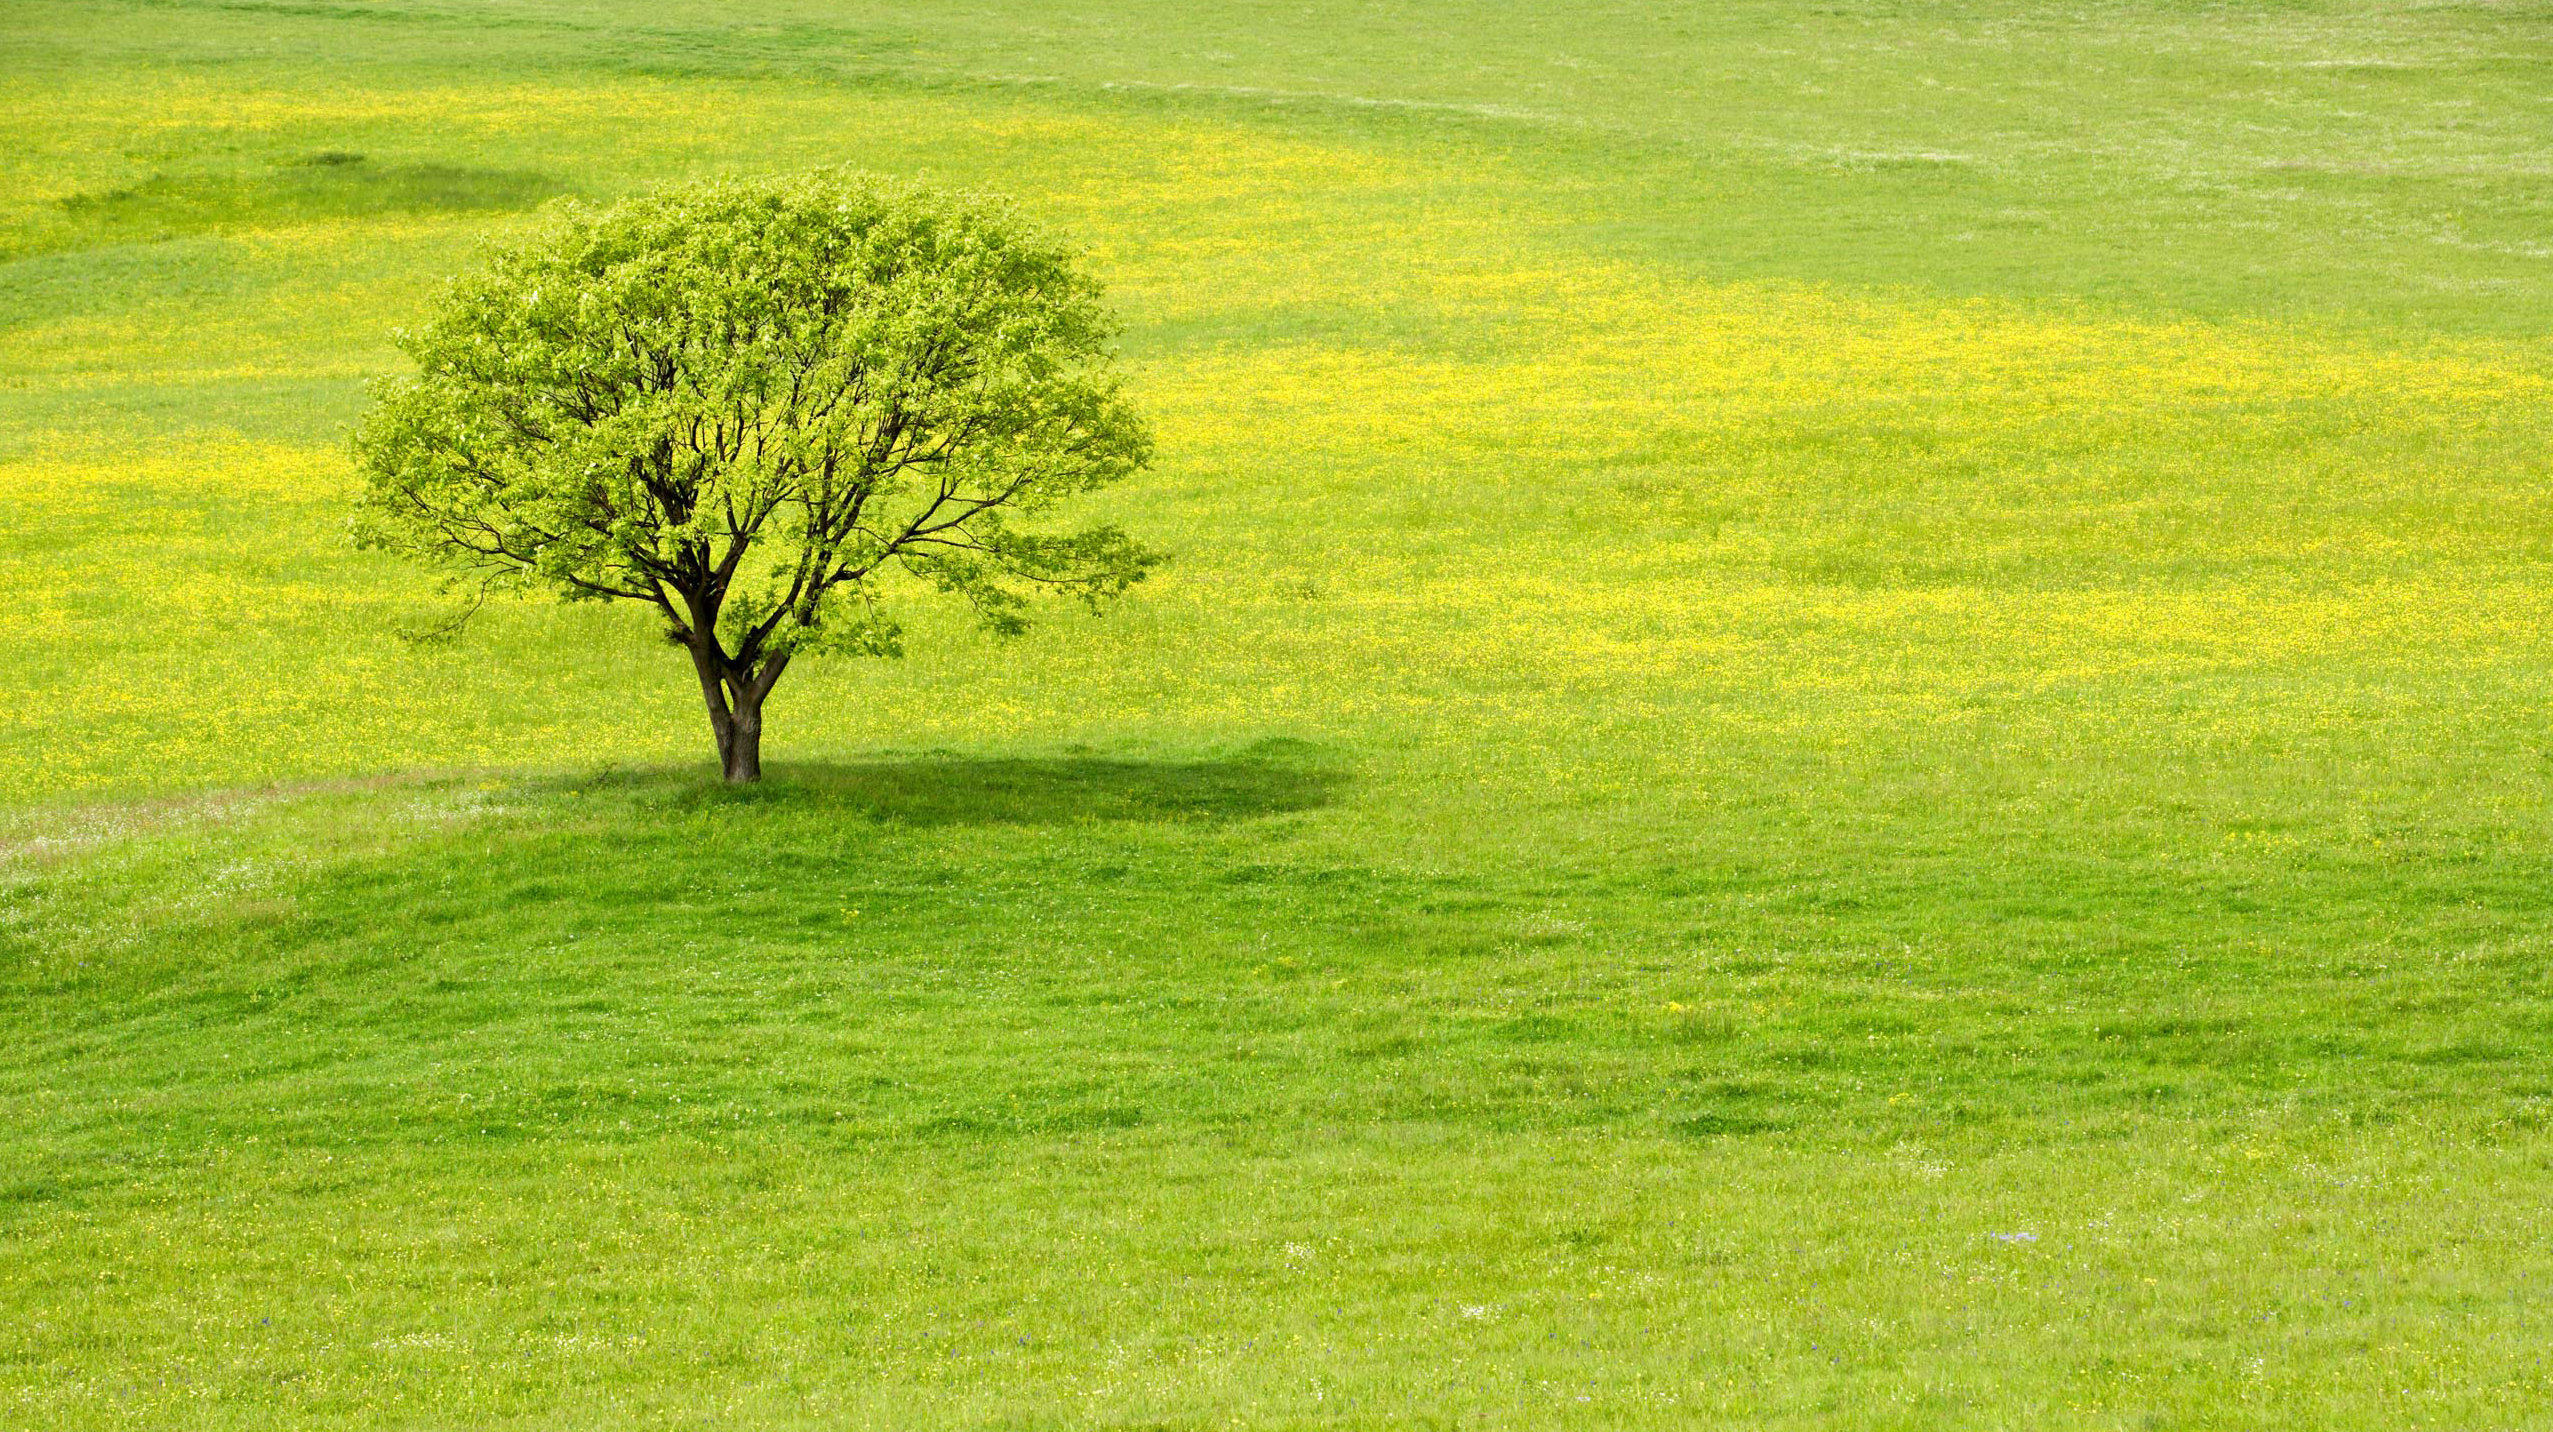 Gezegenin mükemmeliğini kanıtlayan 35 gerçek